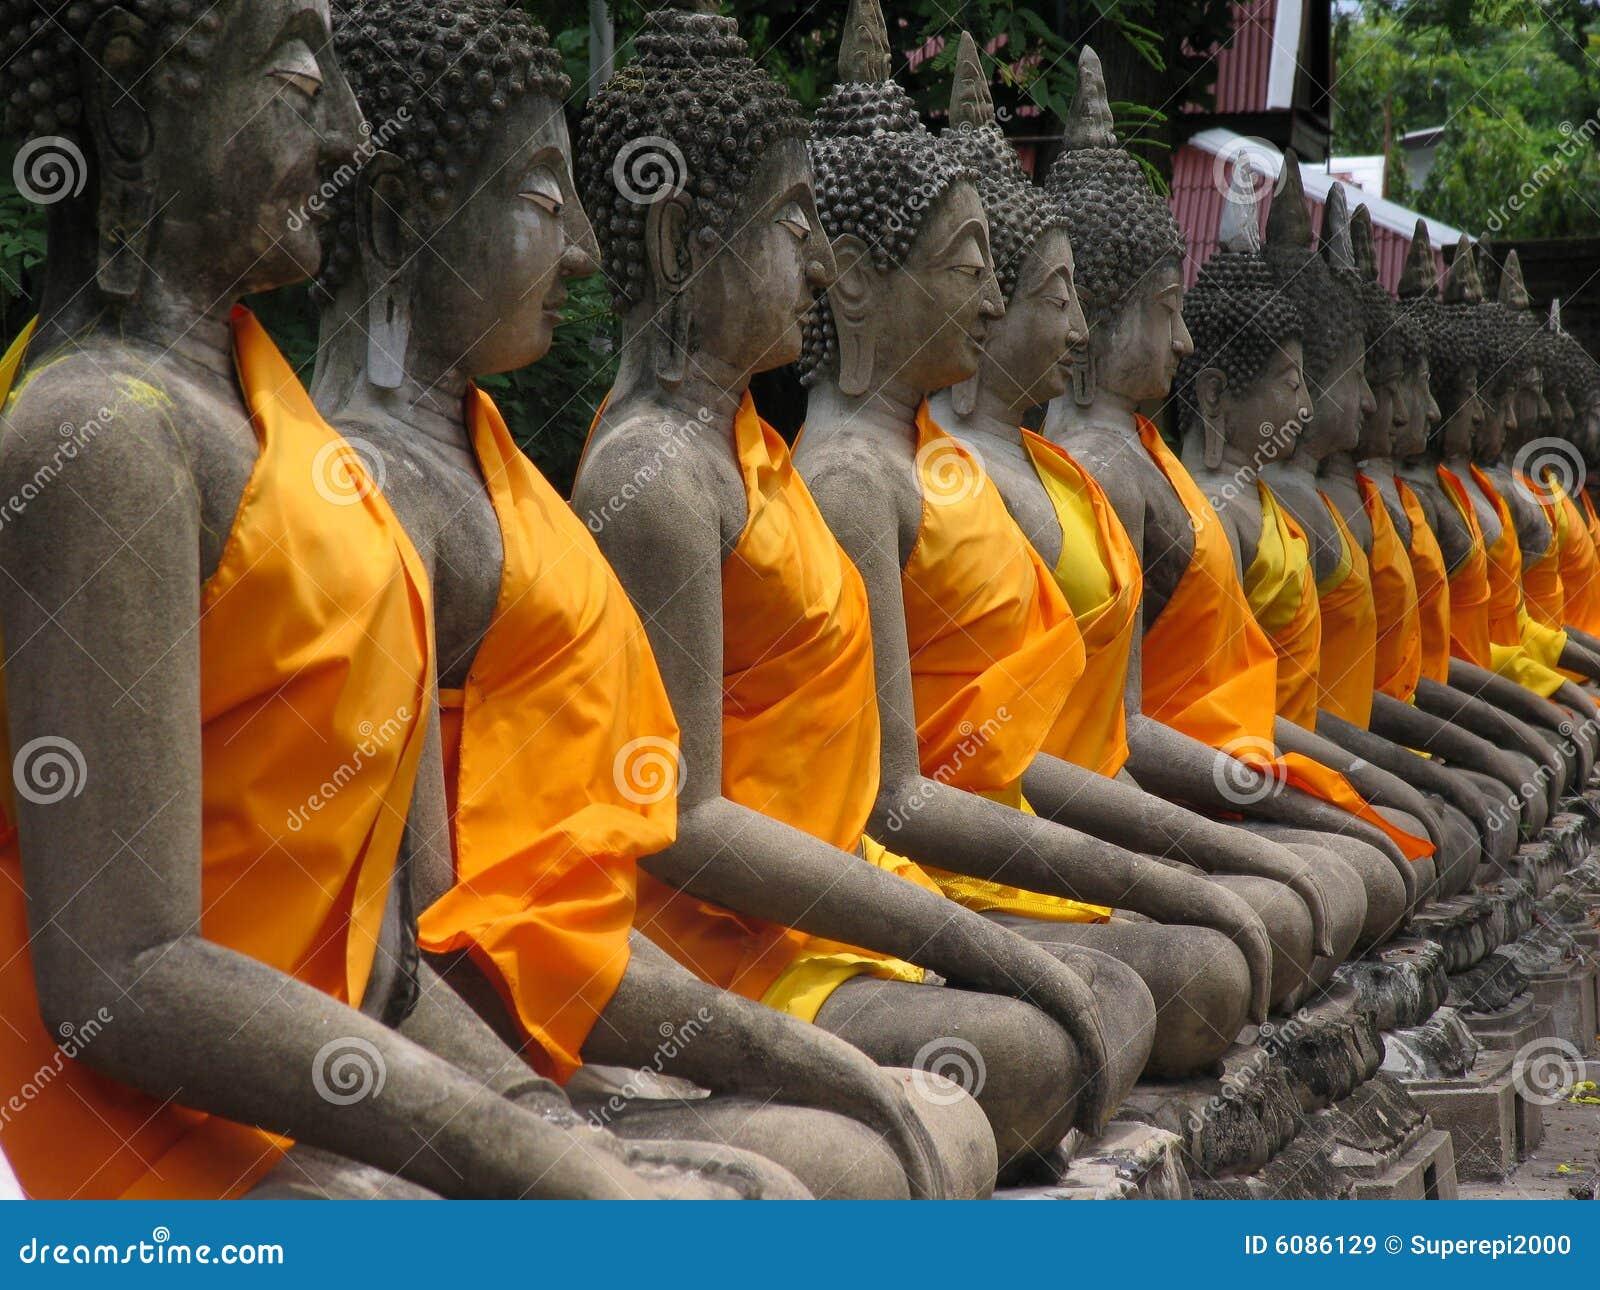 Buddha statues. Thailand